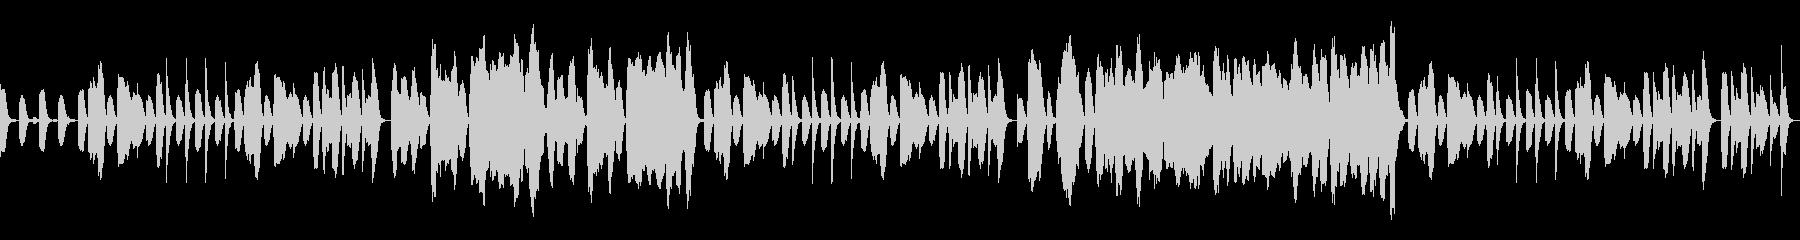 ほのぼのとした作業用BGMの未再生の波形